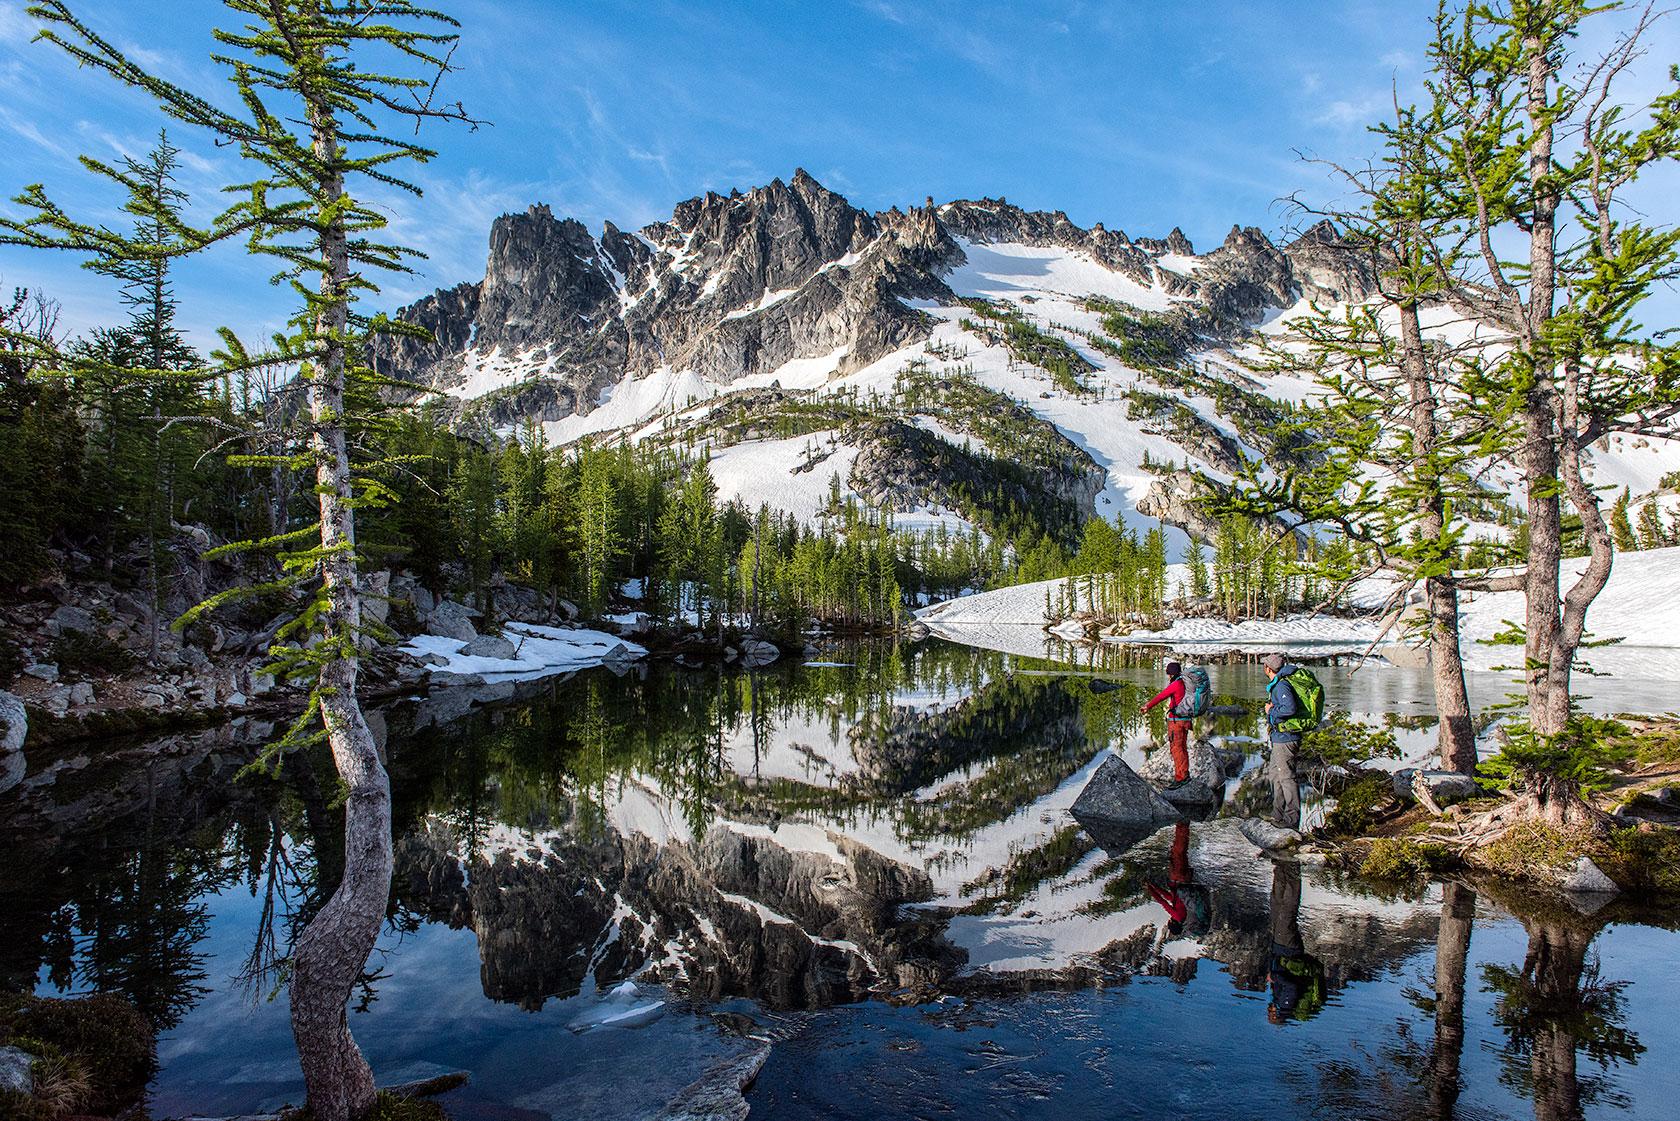 austin-trigg-osprey-hiking-backpacks-hike-camp-washington-adventure-morning-sunrise-lifestyle-outdoor-enchantments-reflection-mountains.jpg